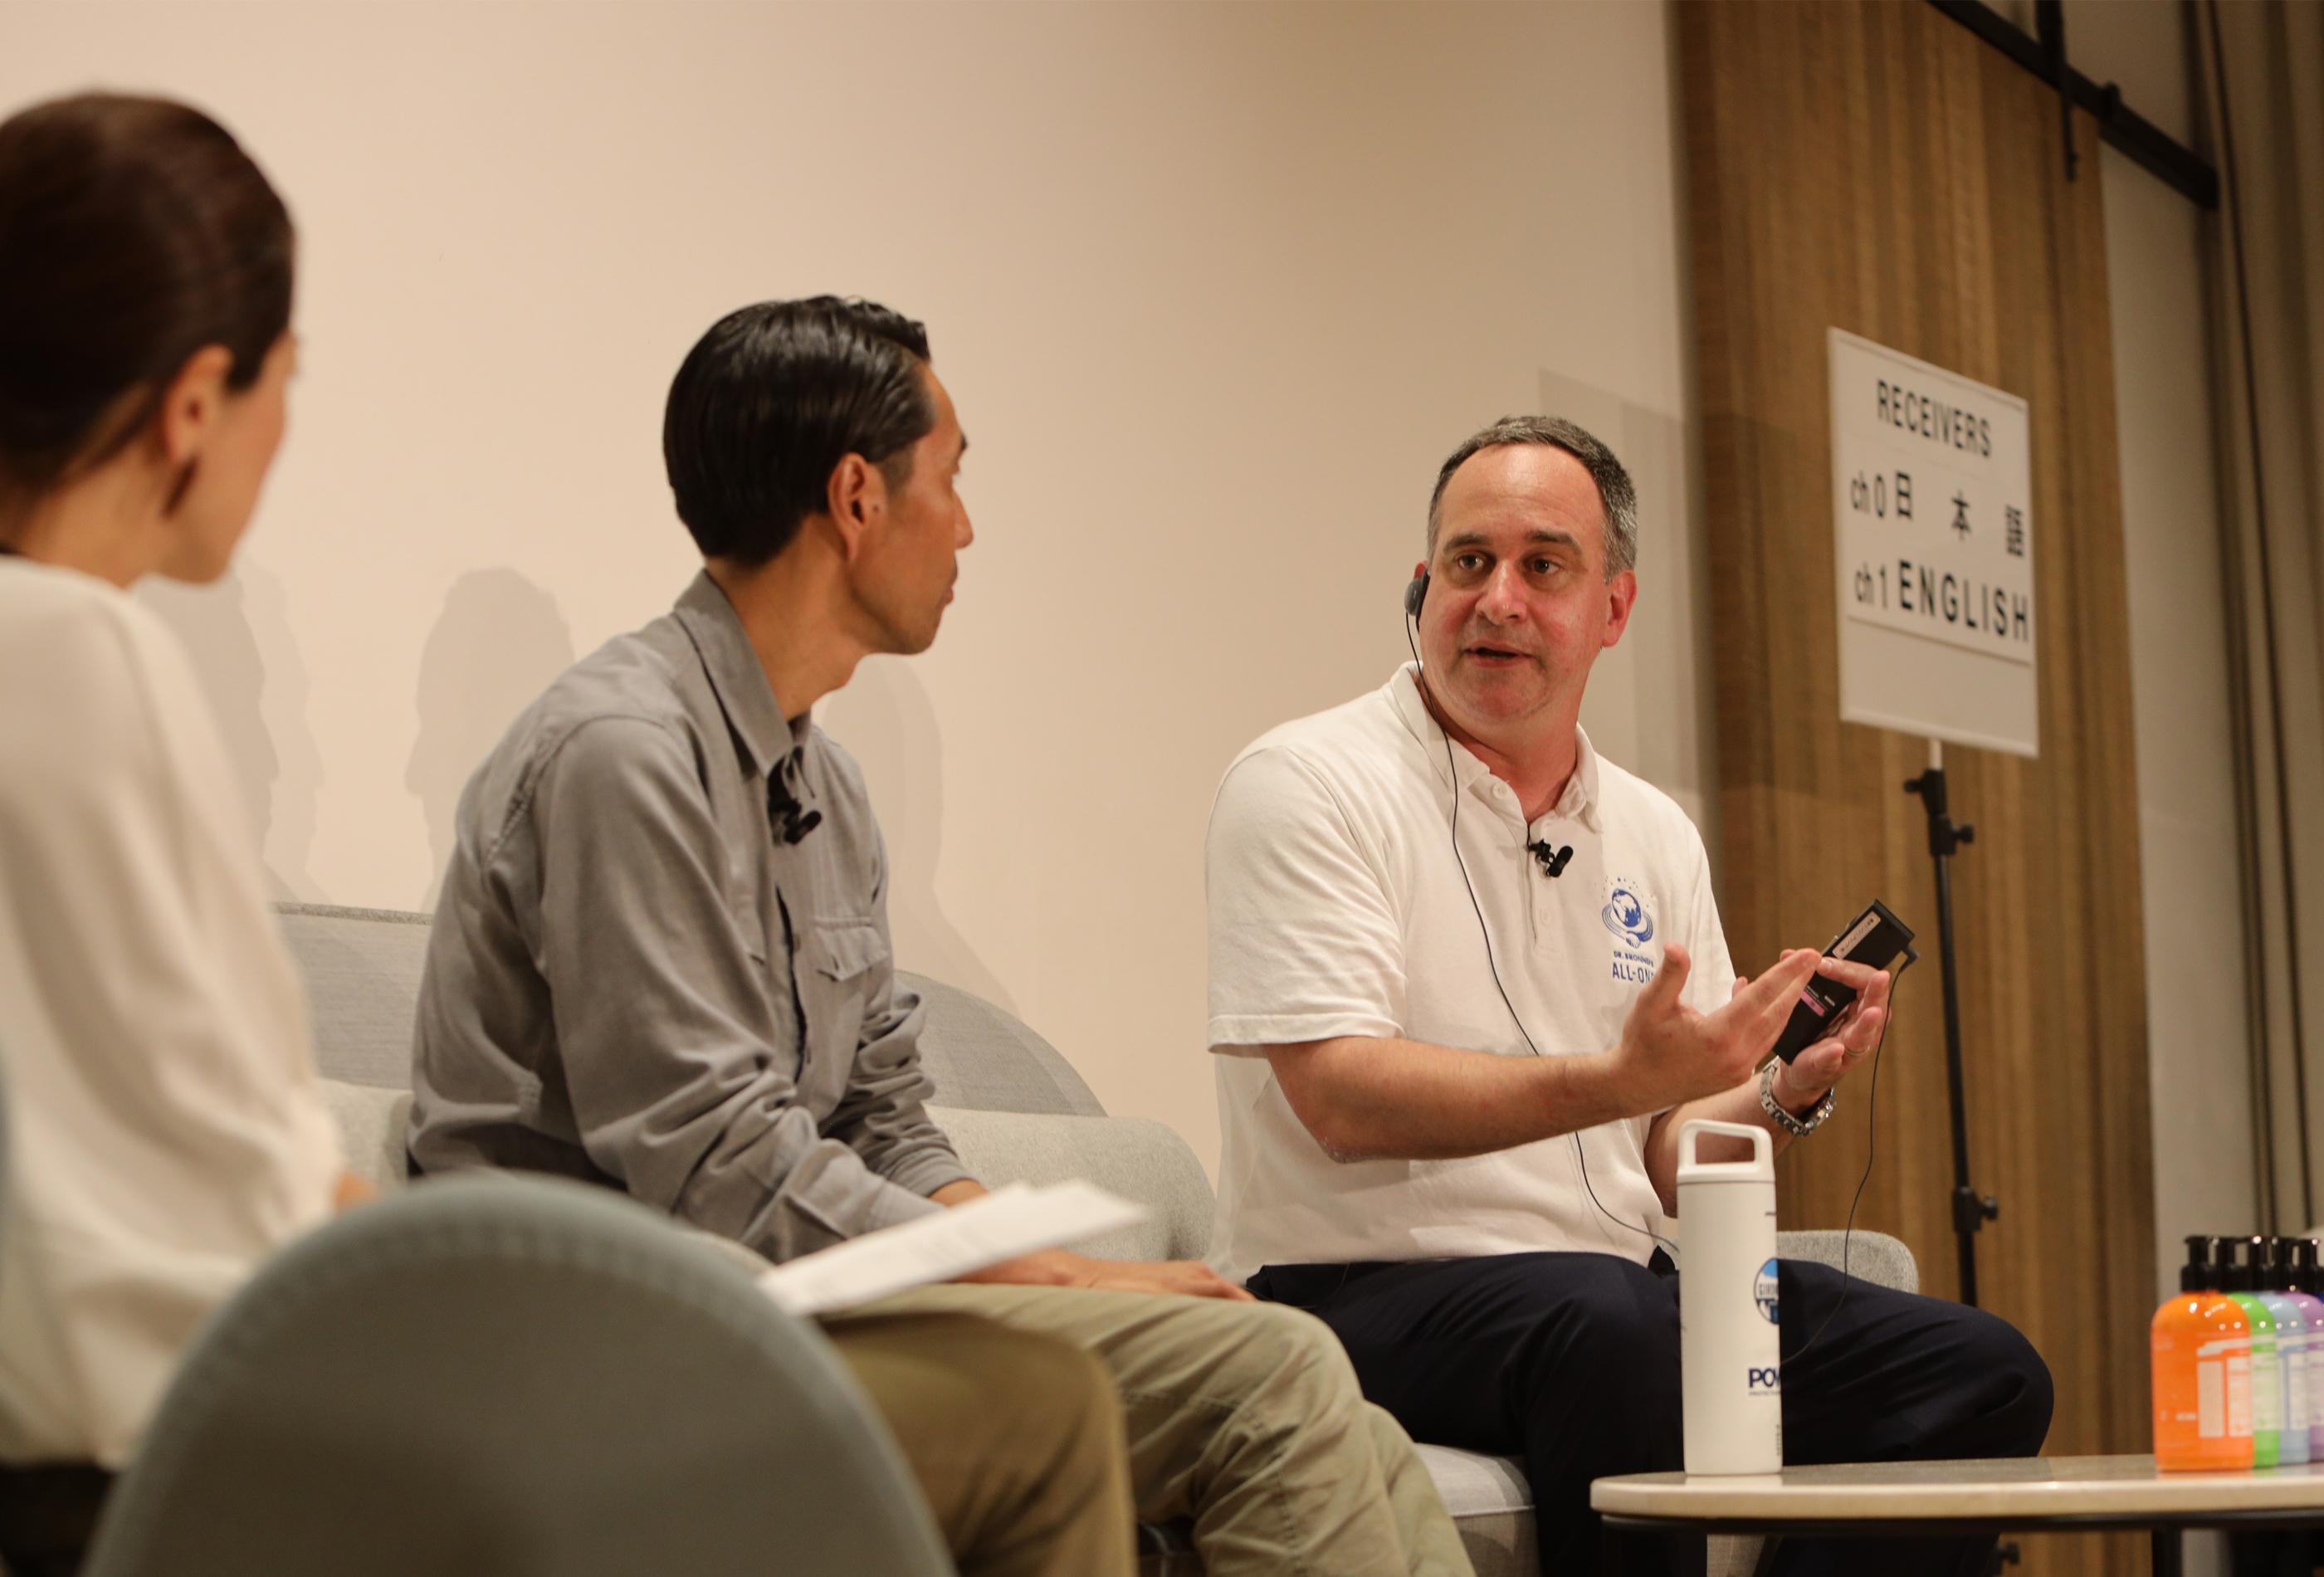 ドクターブロナー社長 マイケル・ブロナー&パタゴニア日本支社長 辻井隆行氏によるトークセッションを開催